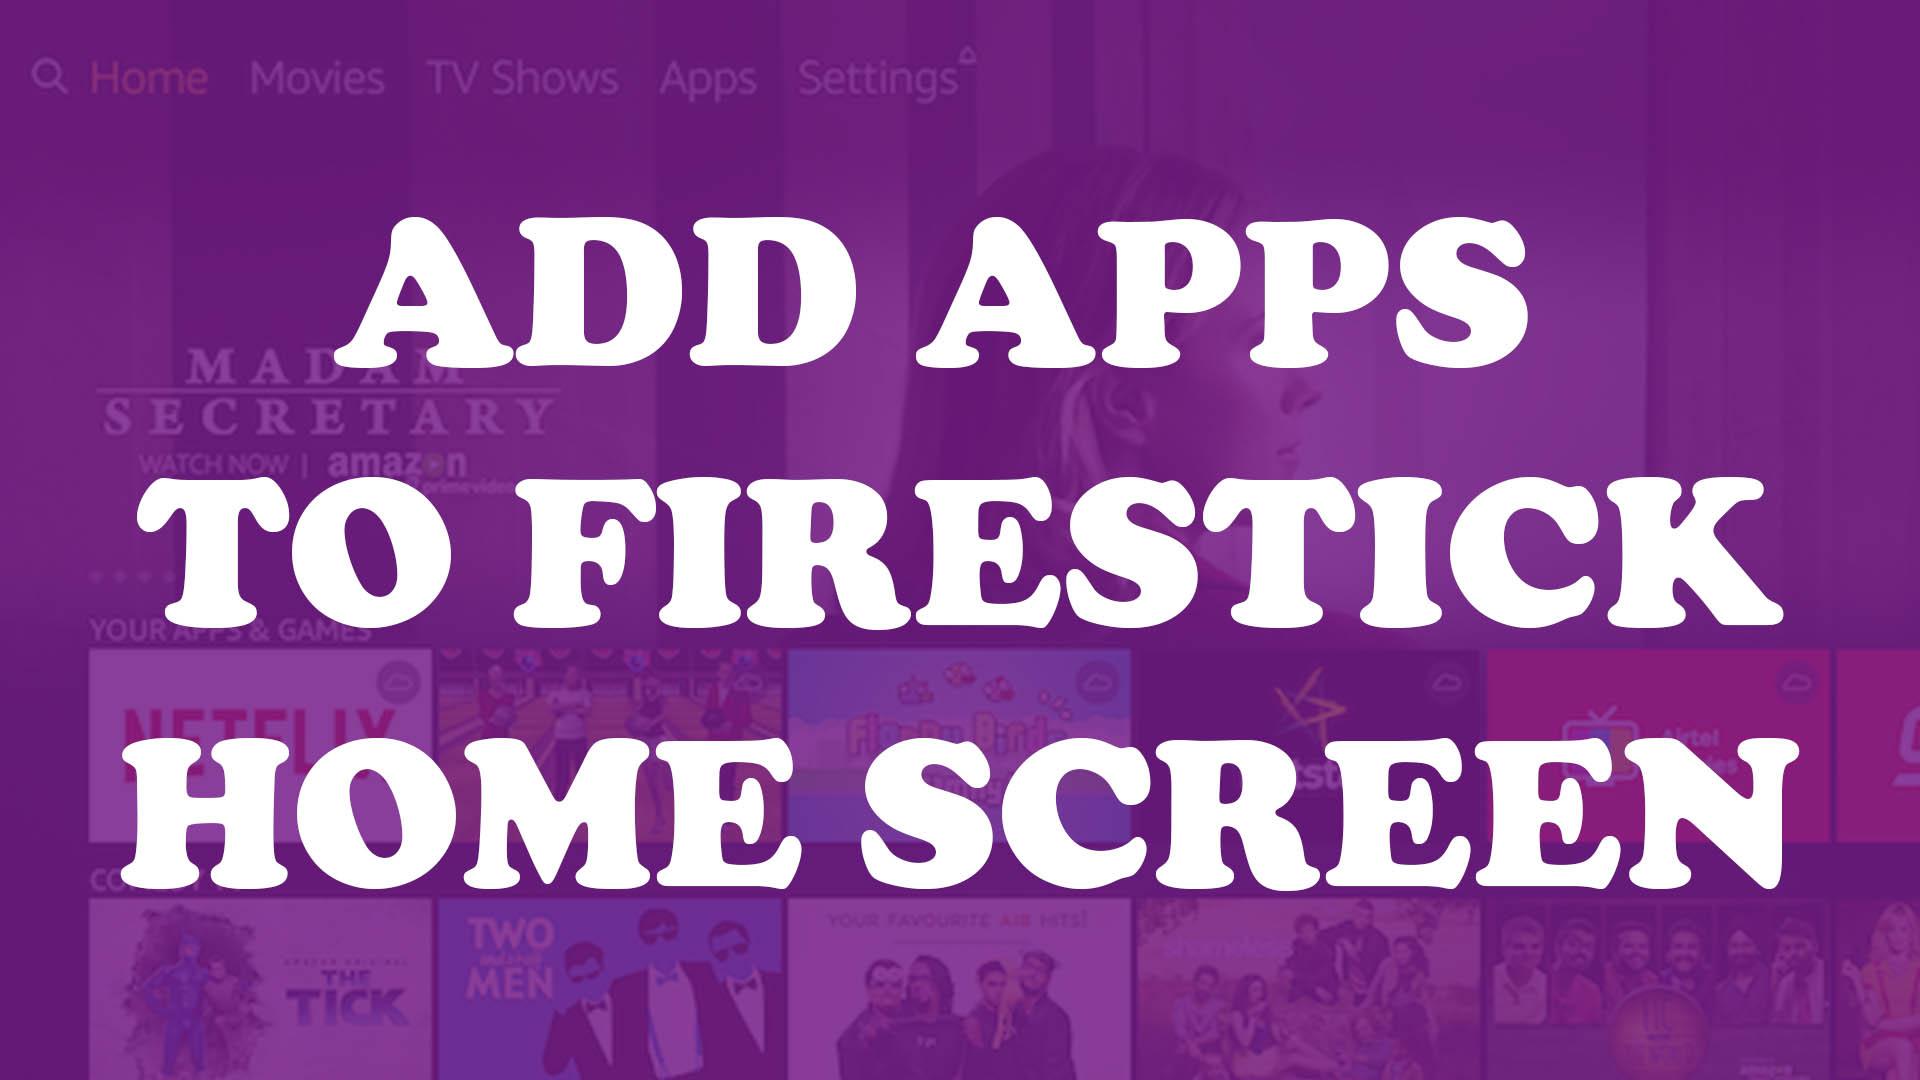 add apps to firestick homescreen